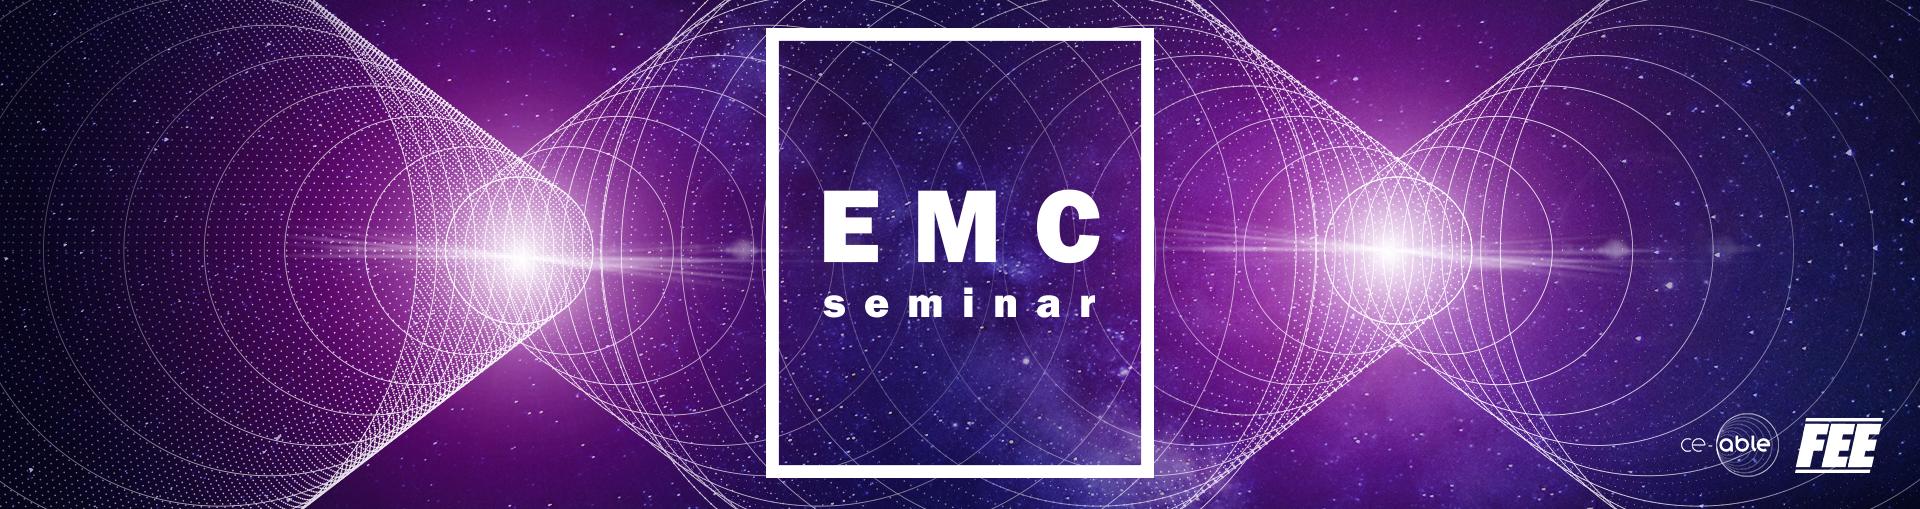 EMC Seminar 2019